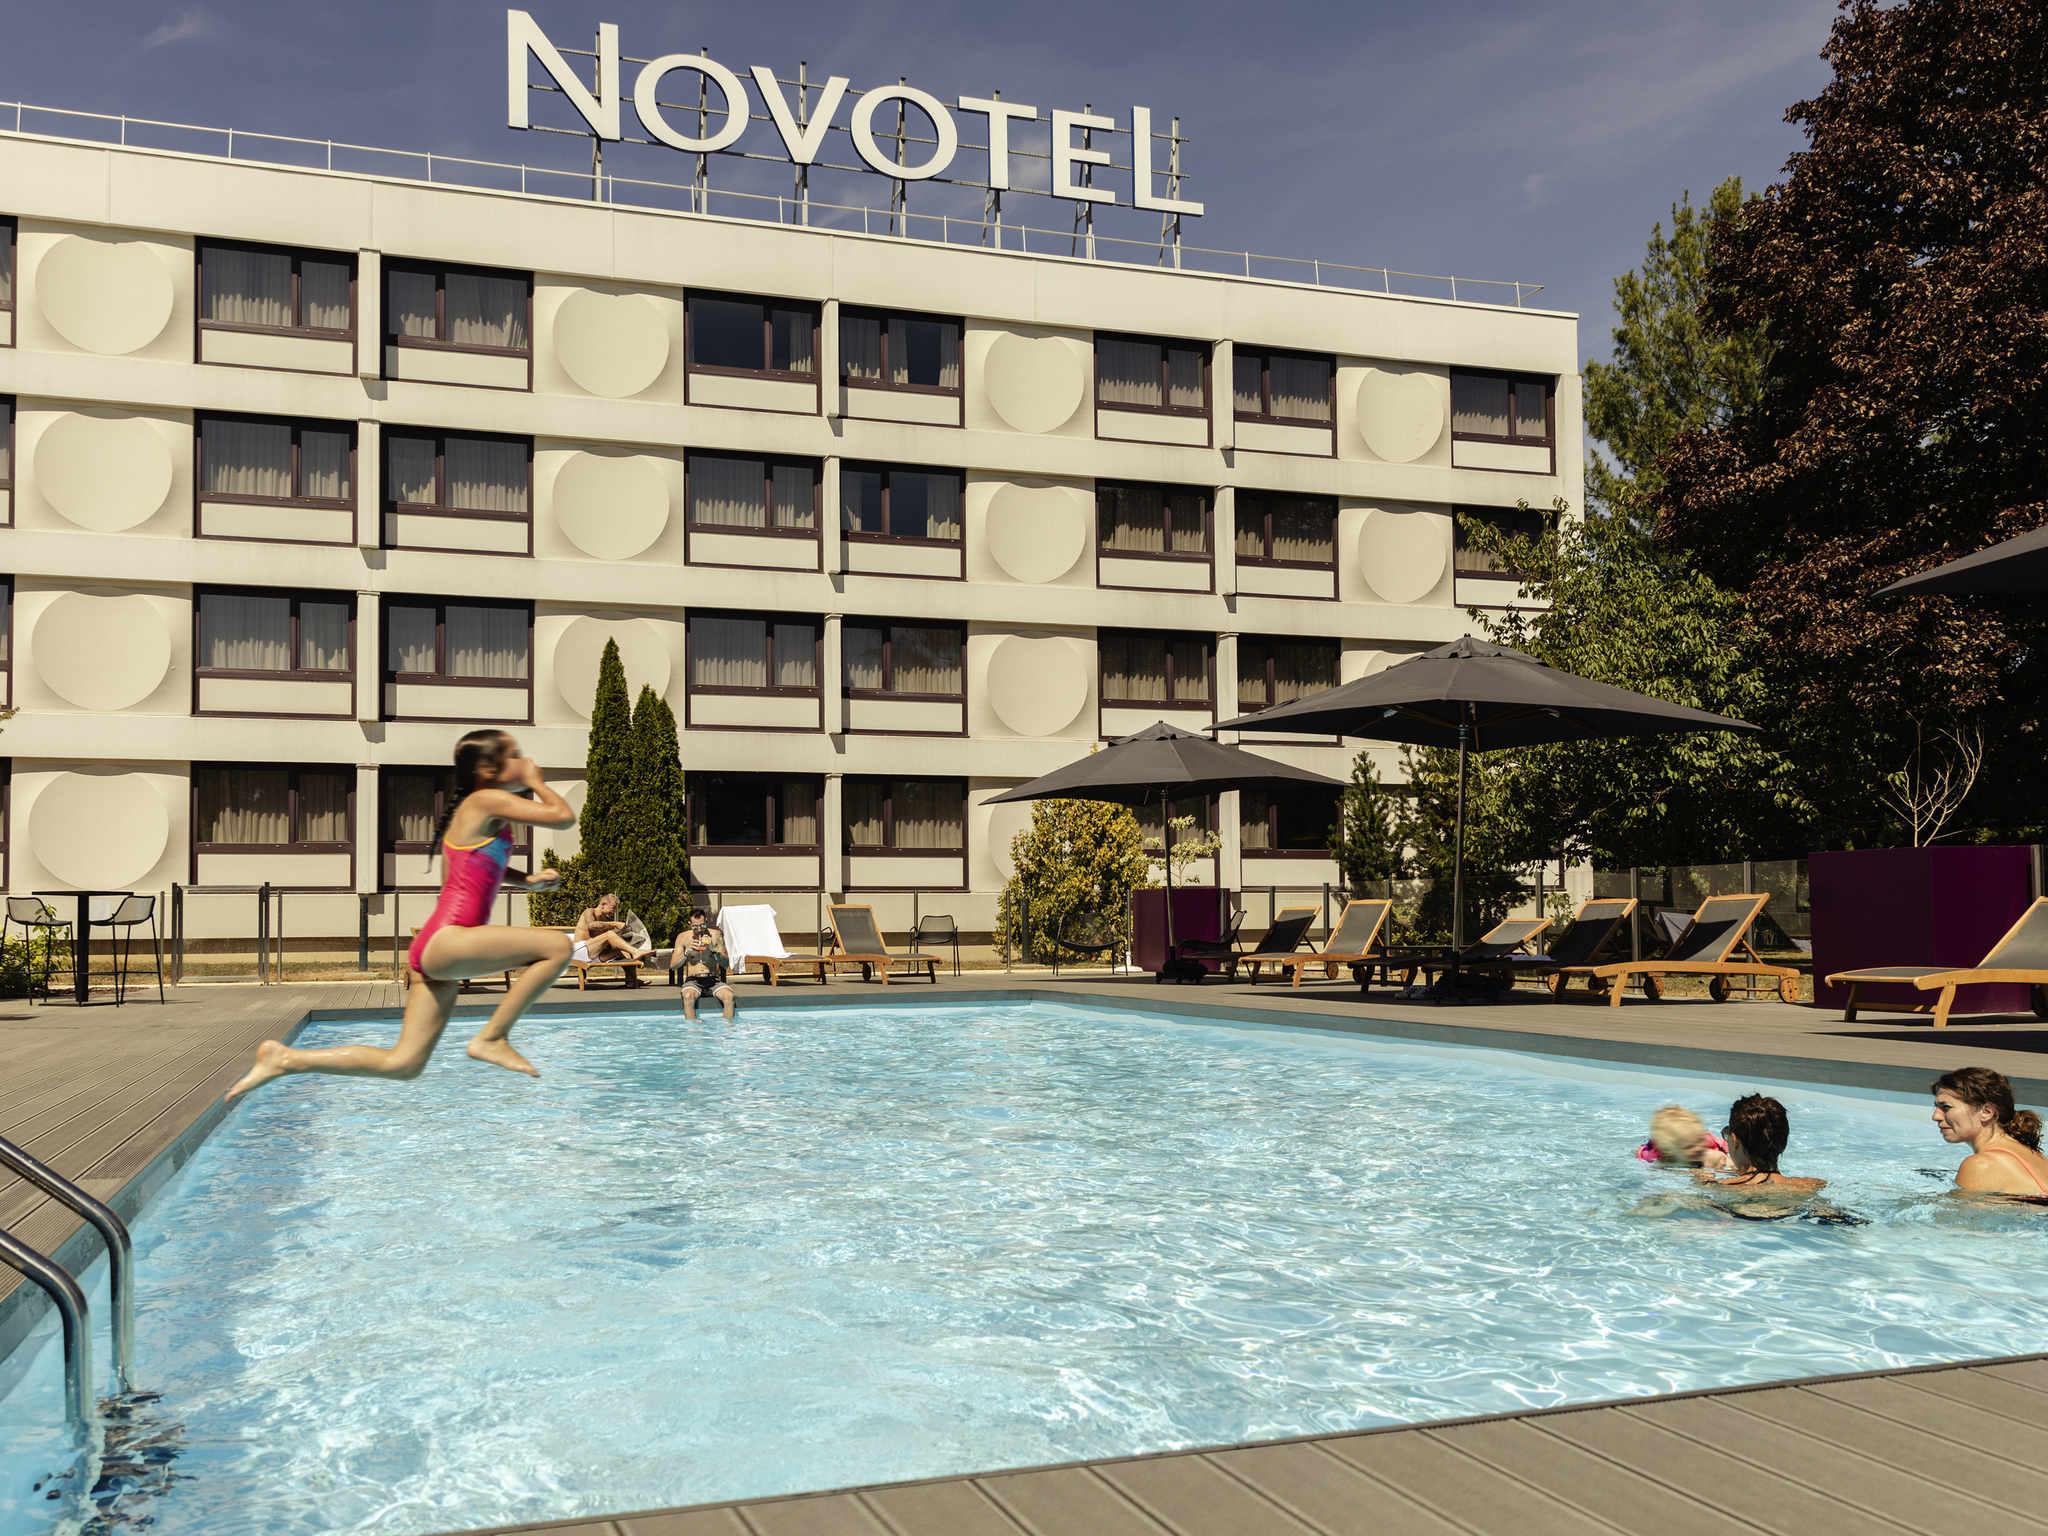 Hotel – Novotel Nancy